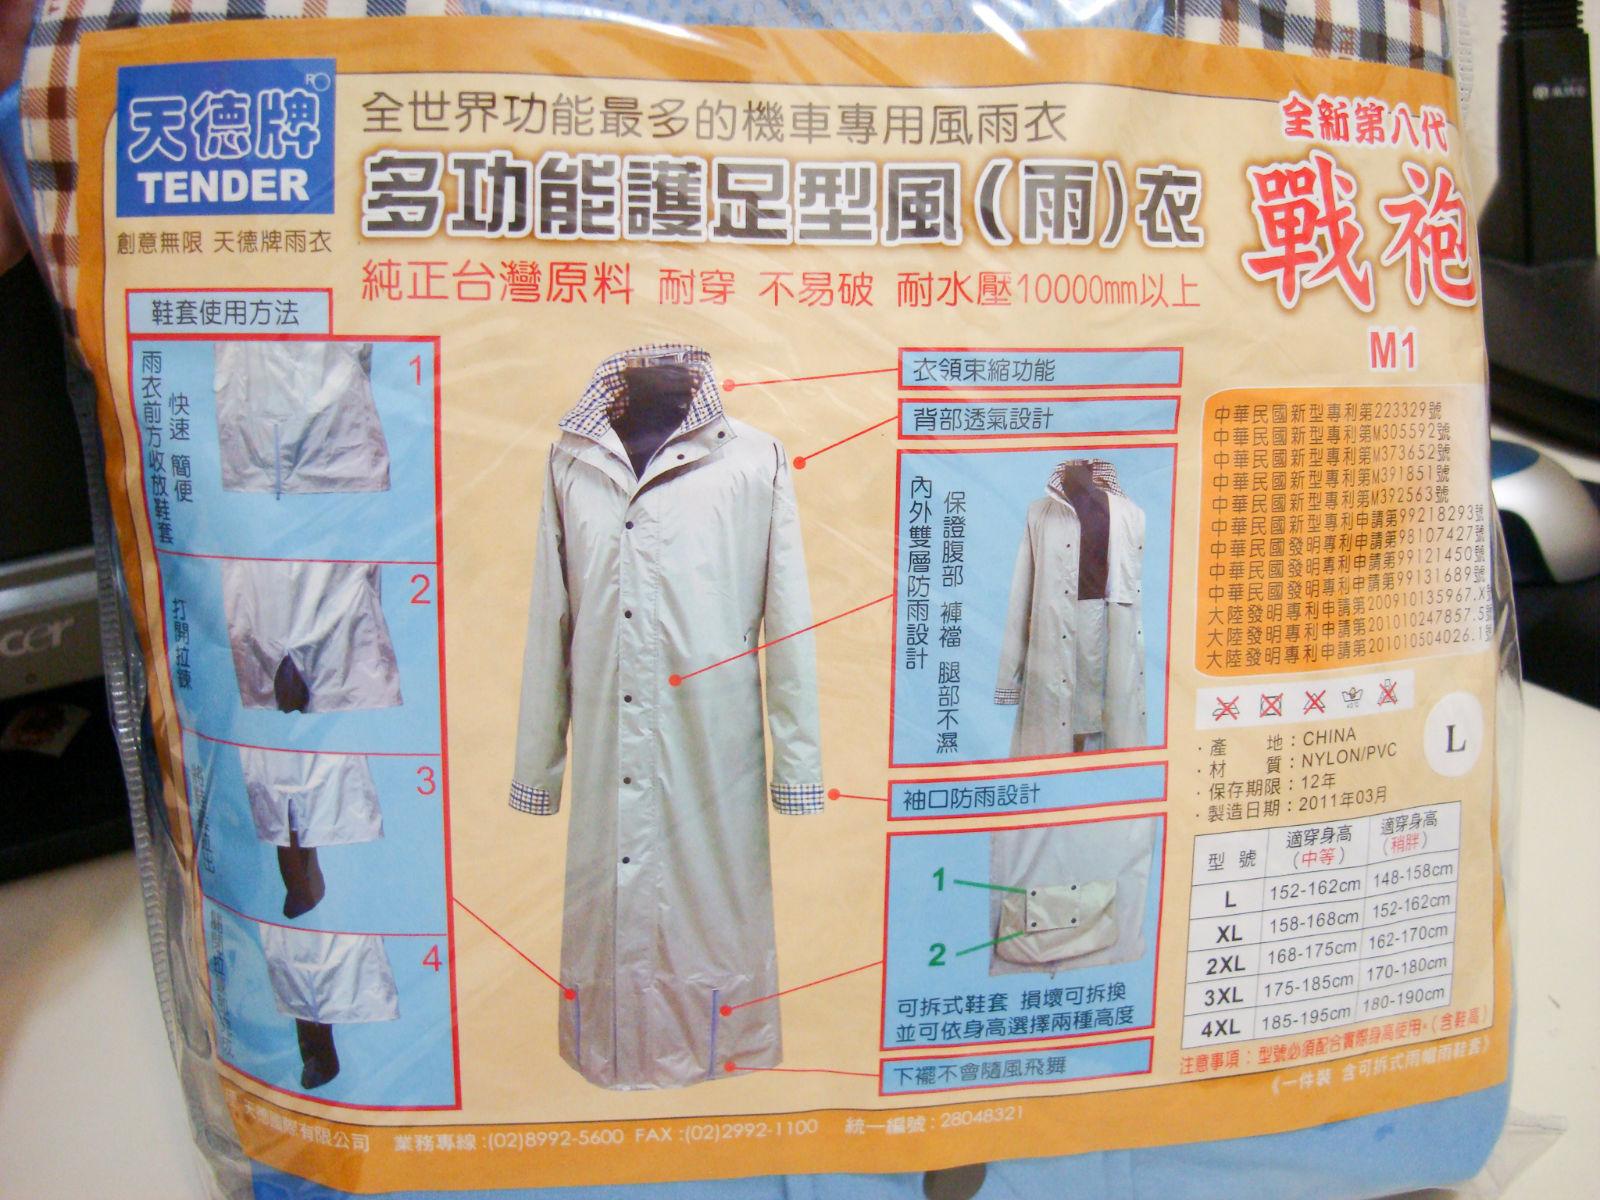 加價200塊購得的天德牌第8代戰袍